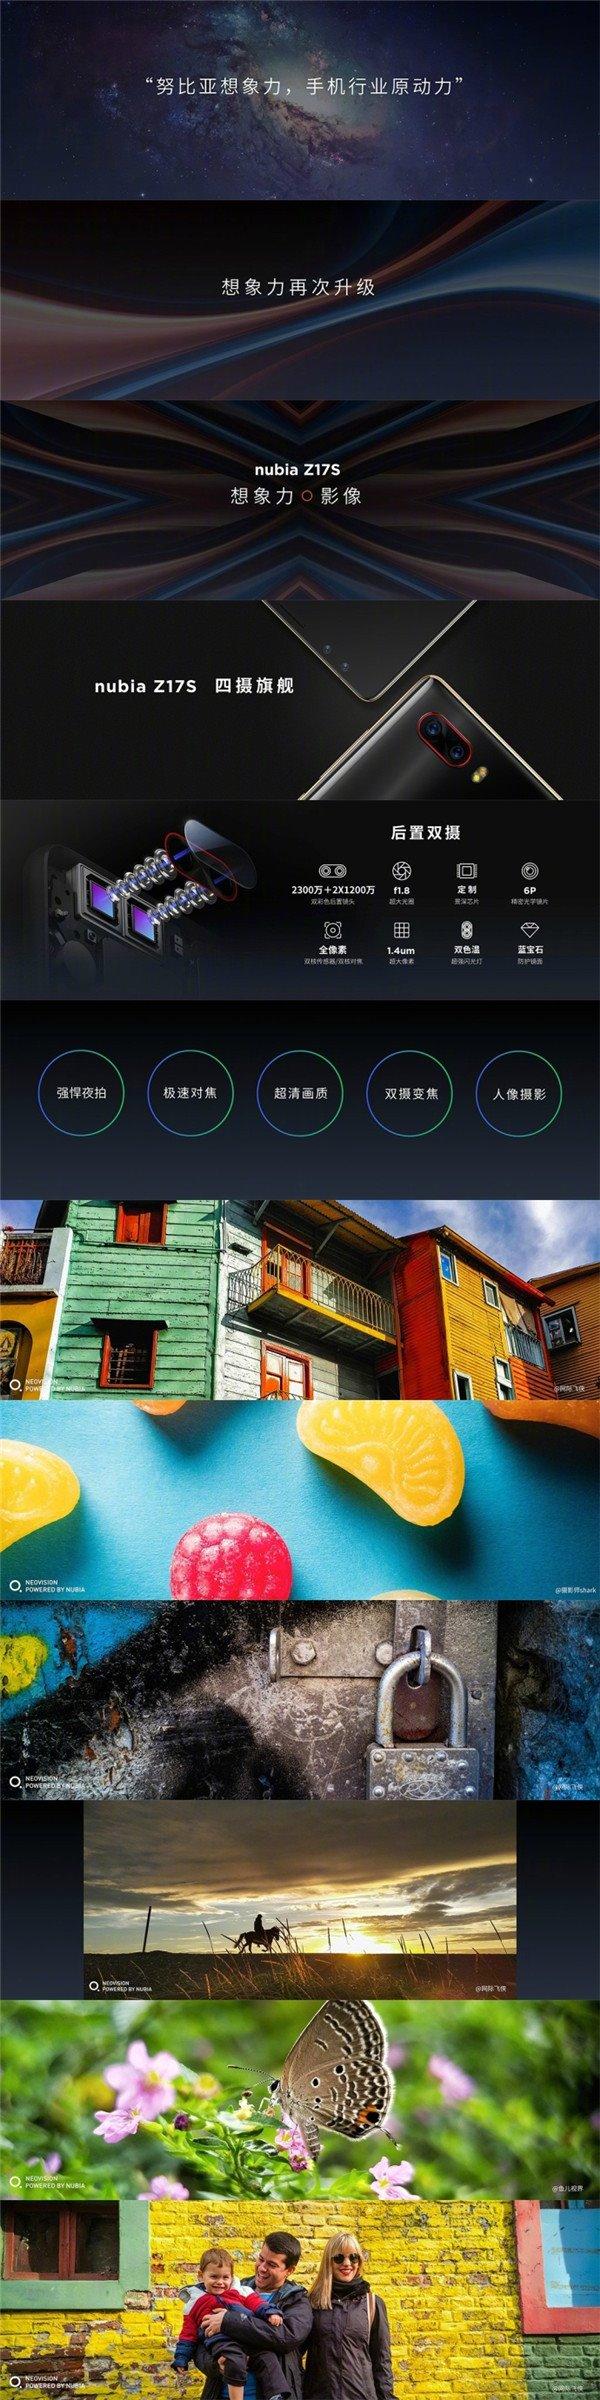 努比亚Z17S正式发布:全面屏2.1+2999元起!